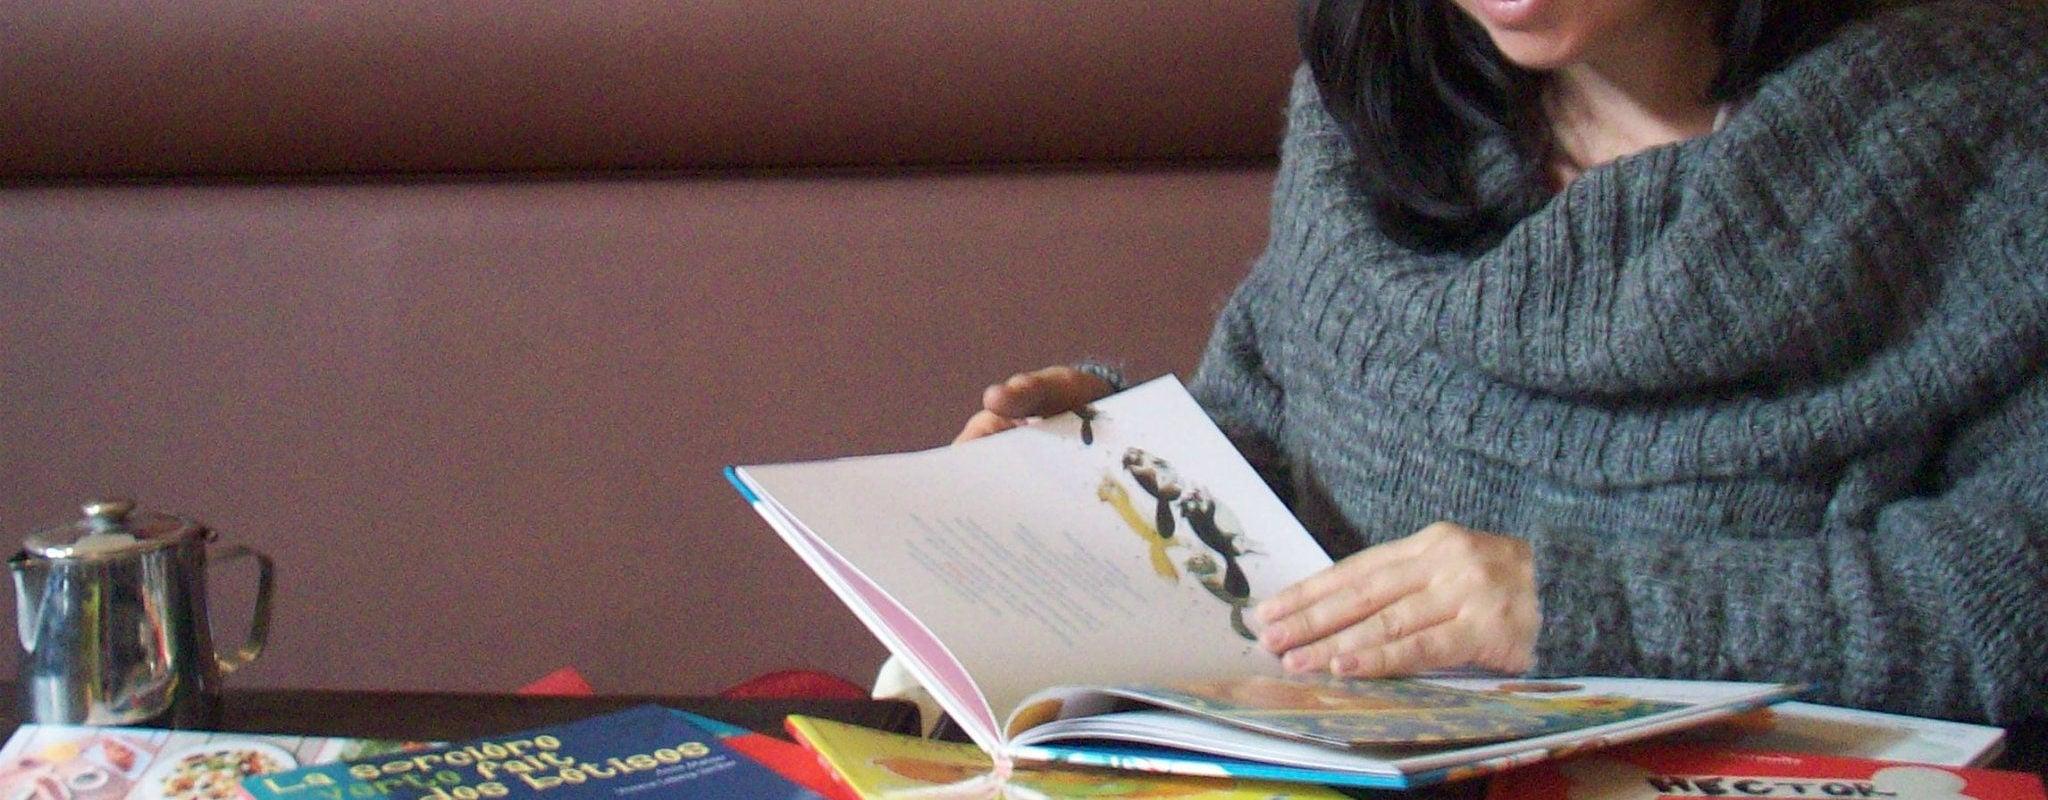 Anne Mahler, illustratrice alsacienne rurale mais youtubeuse pour les petits